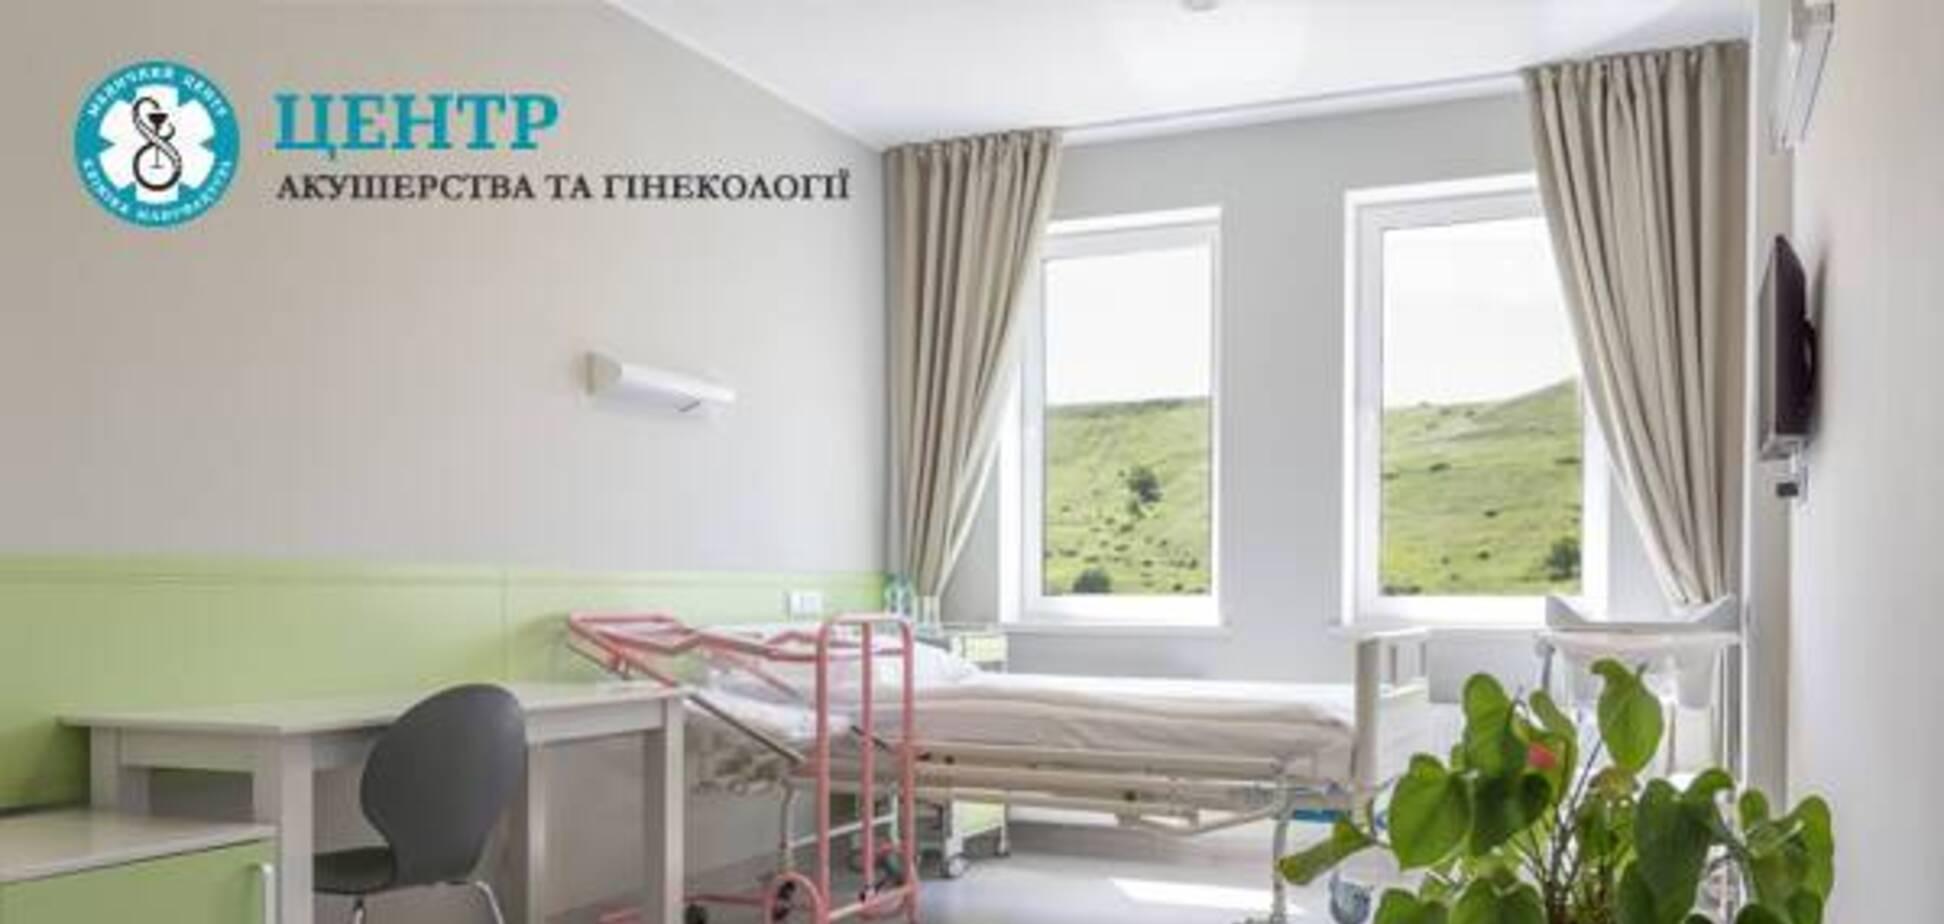 В Киеве открыли новый современный центр акушерства и гинекологии